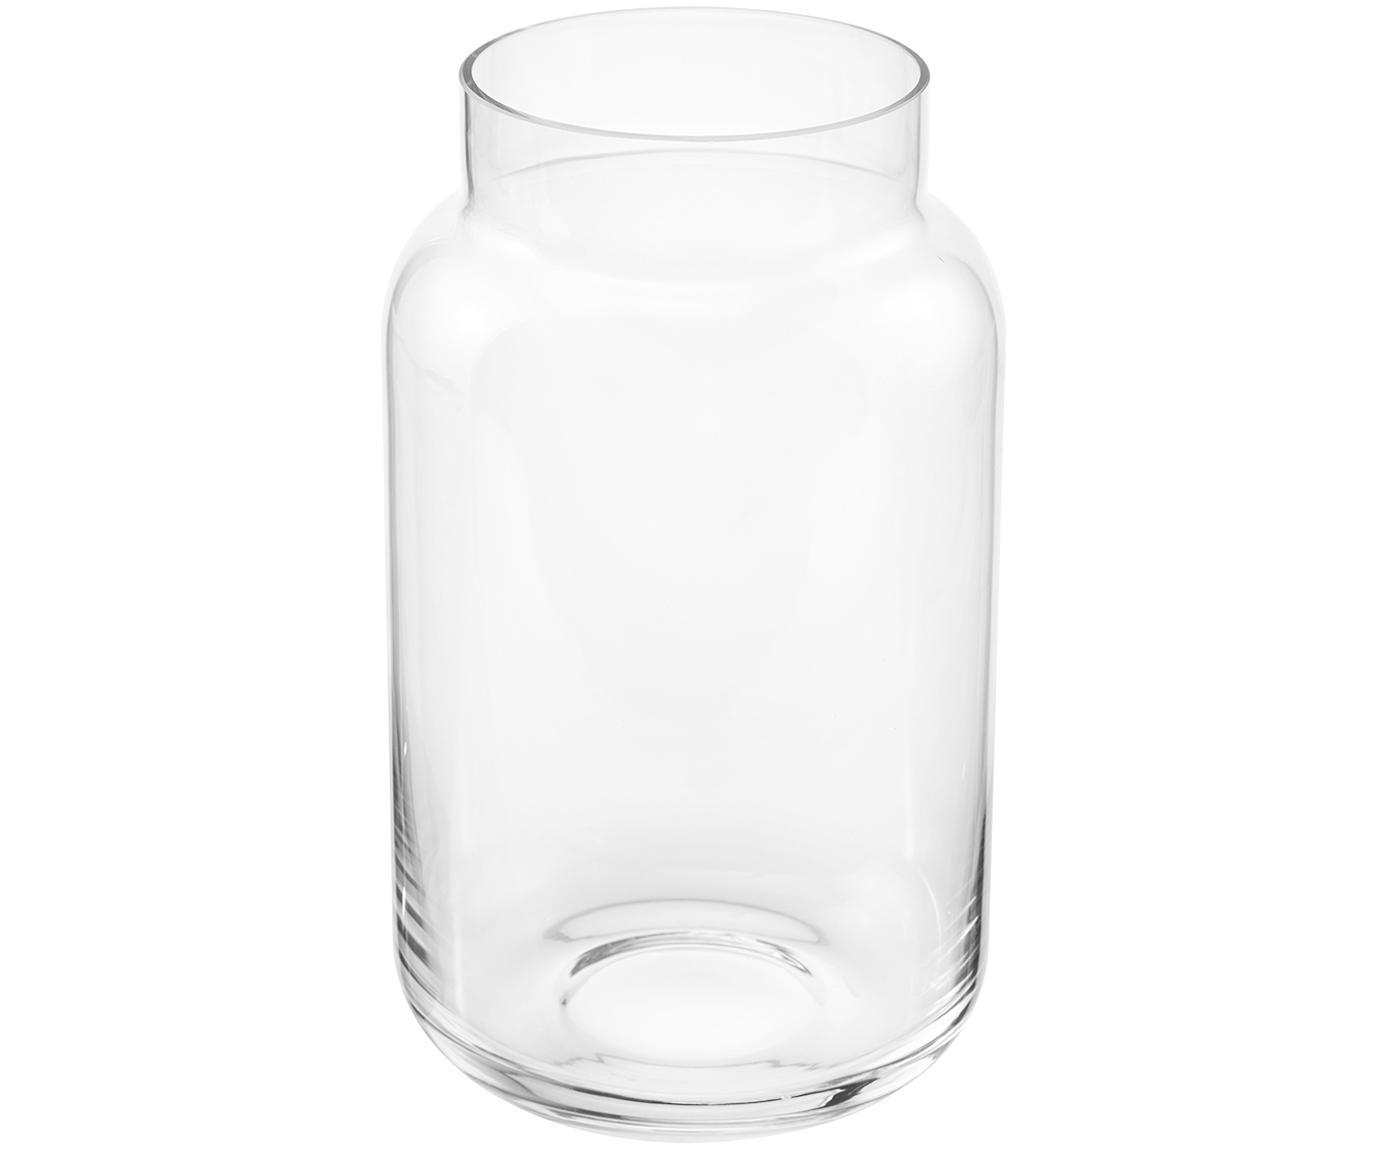 Glas-Vase Lasse, groß, Glas, Transparent, ∅ 13 x H 22 cm